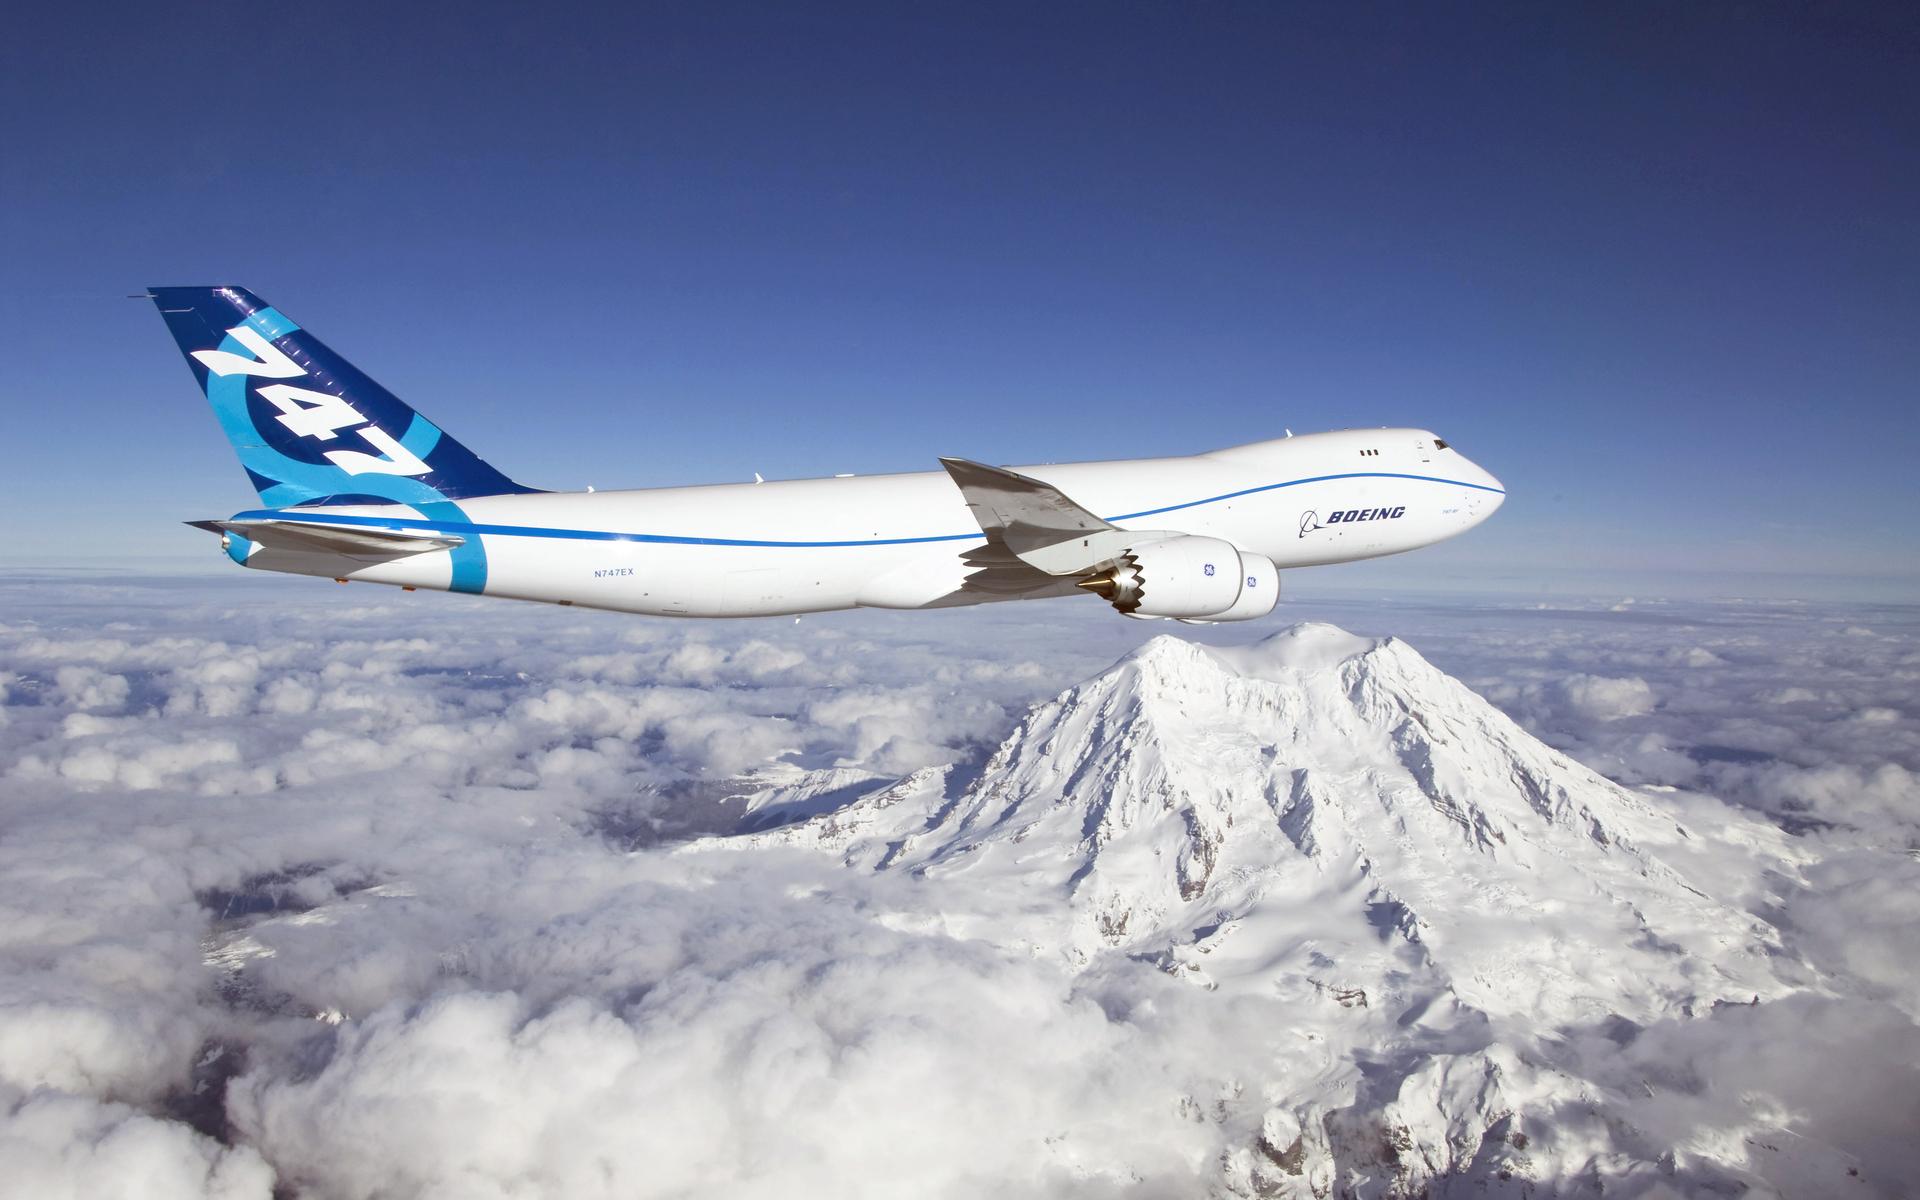 Авиалайнер в воздухе  № 2357462 загрузить